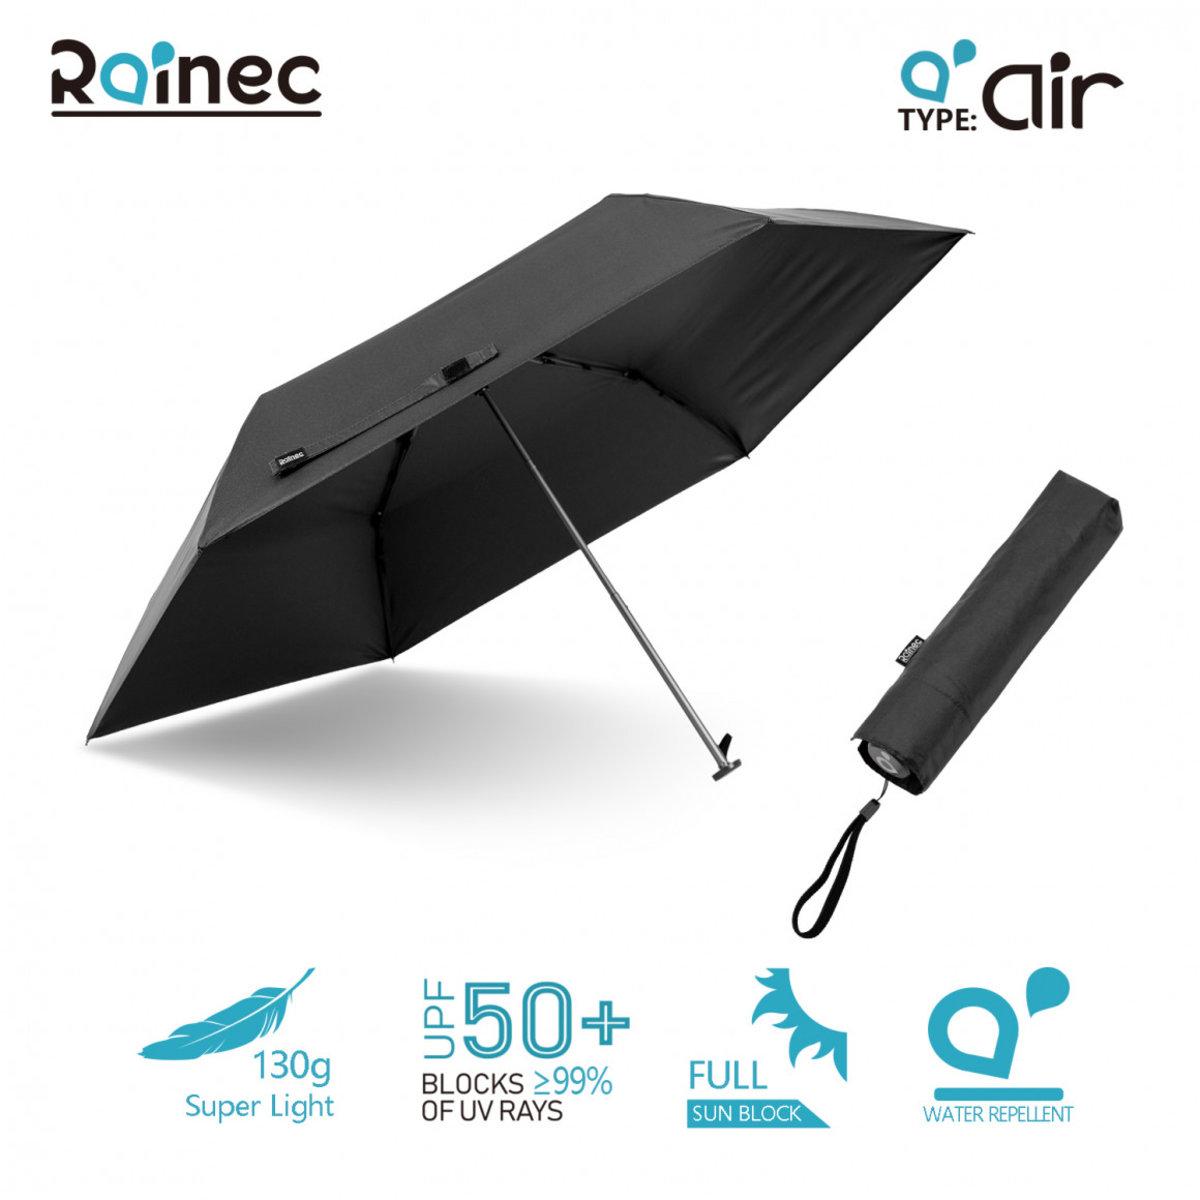 AIR UV Metro Umbrella 94mm 130g Black